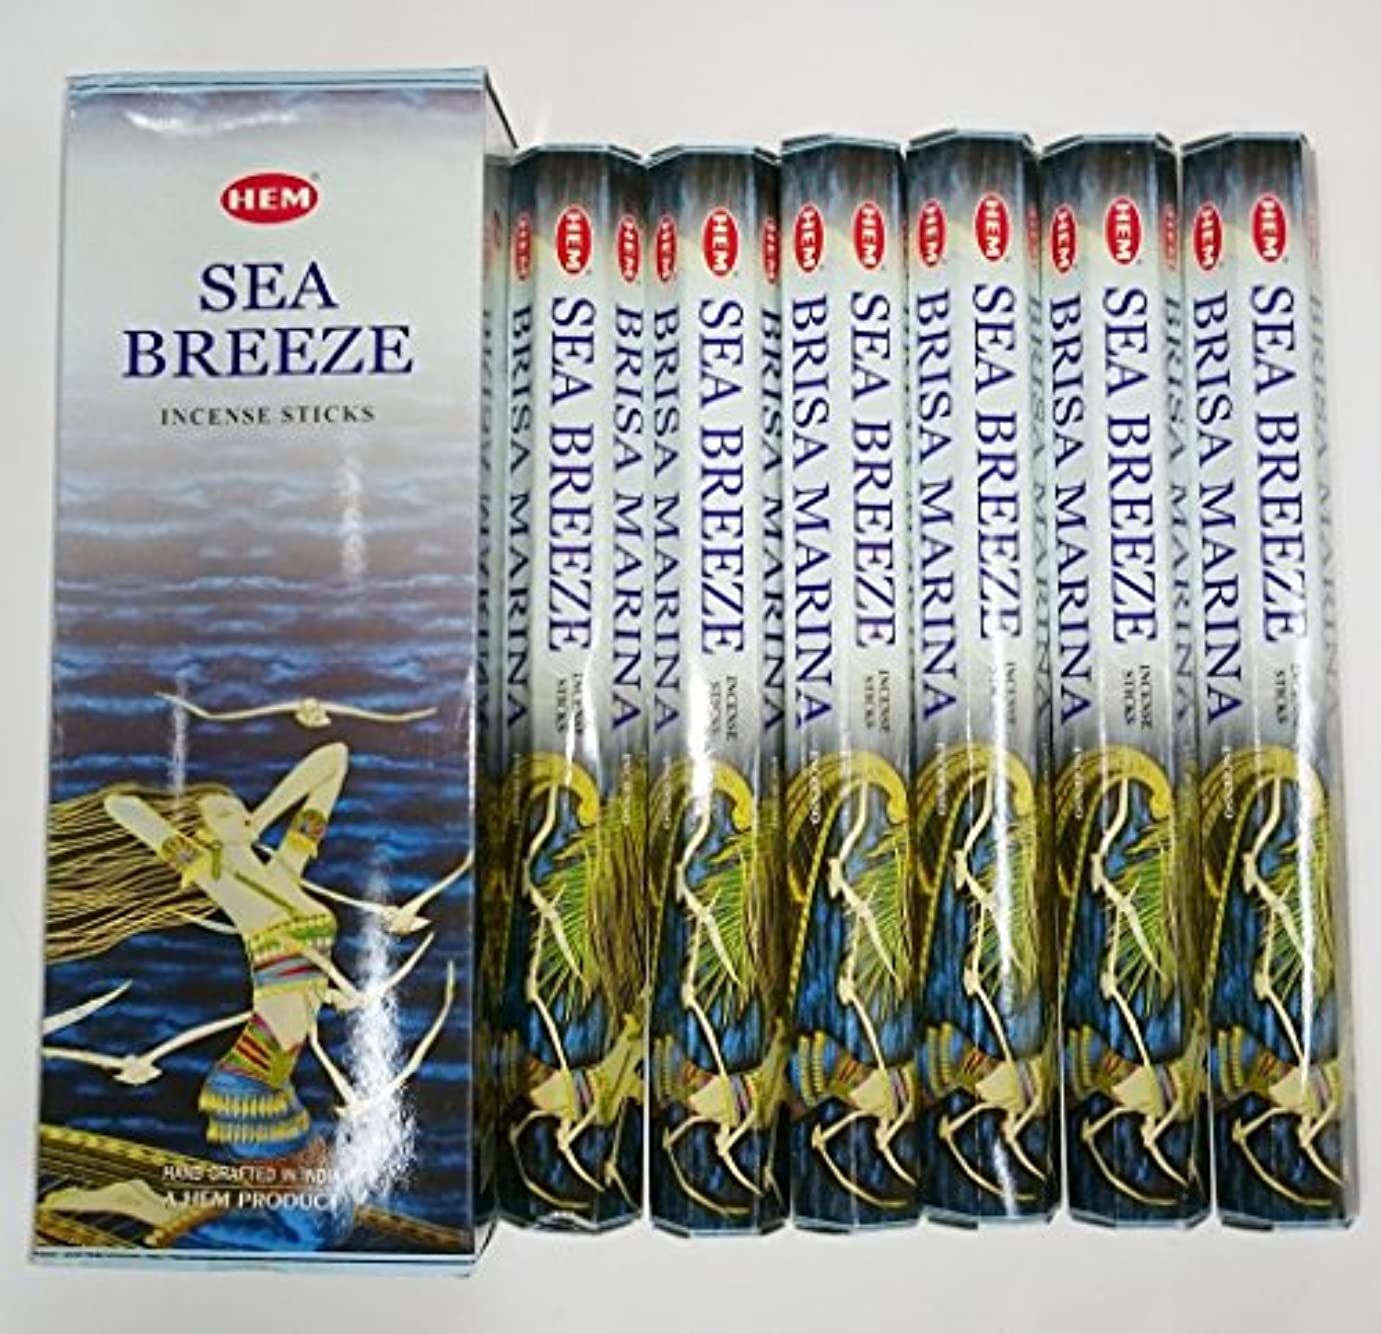 オーナメント唯一チェリーHEM (ヘム) インセンス スティック へキサパック シーブリーズ 6角(20本入)×6箱 [並行輸入品]SeaBreeze